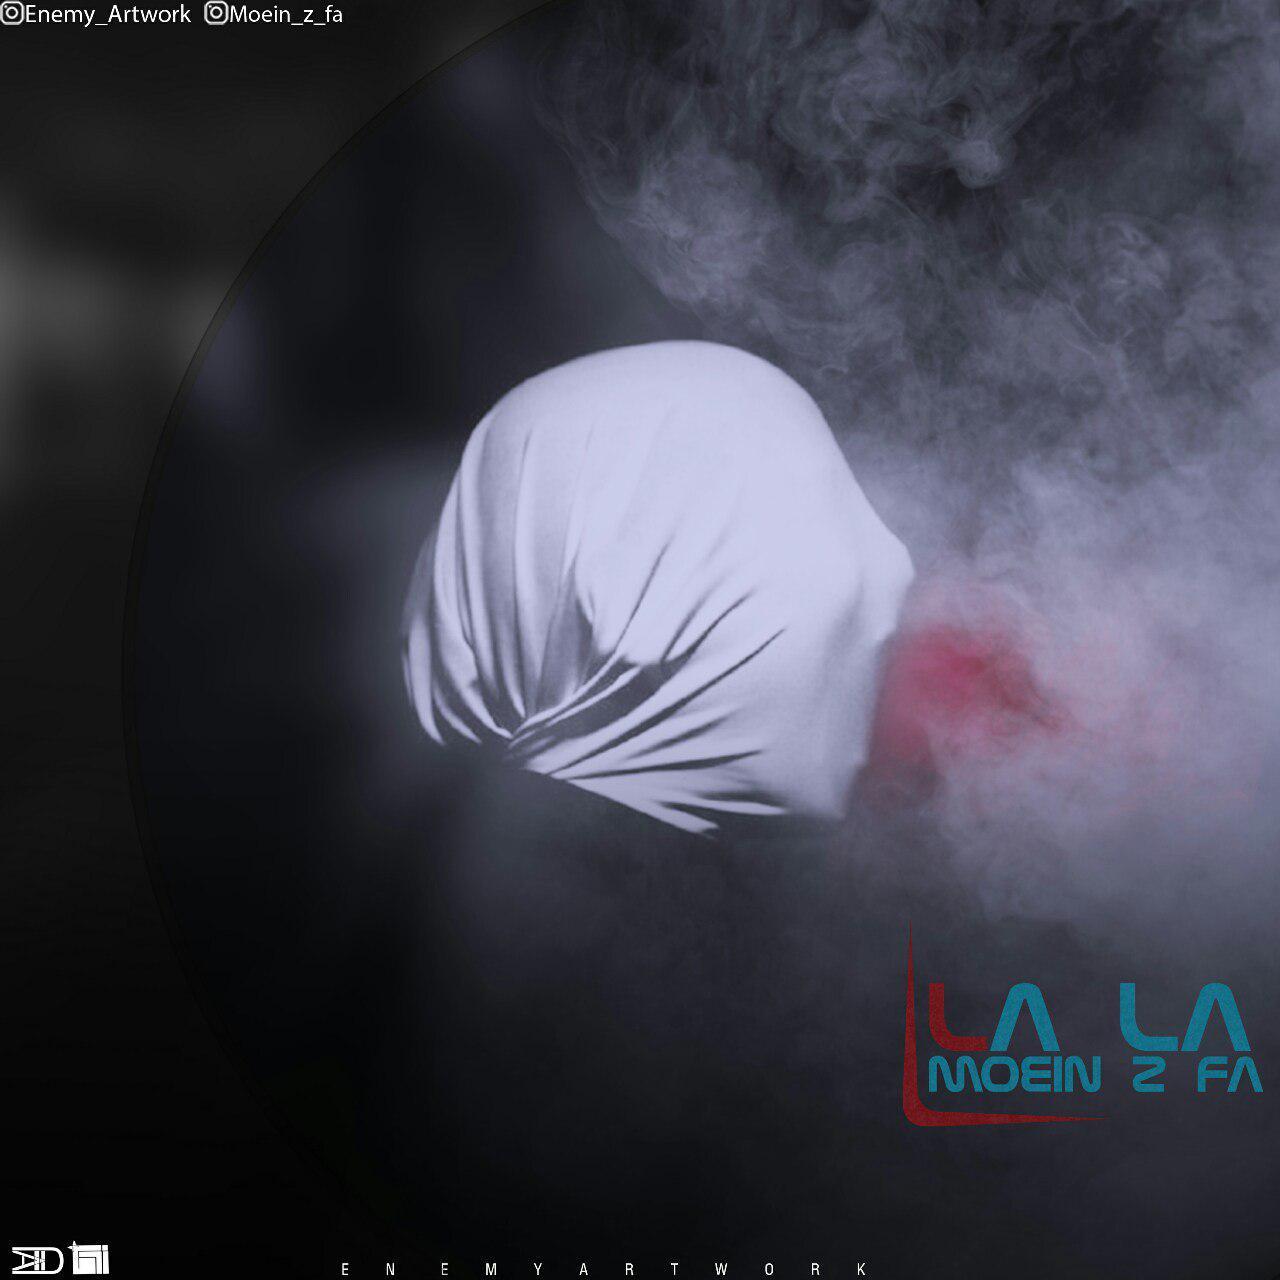 دانلود اینسترومنتال جدید معین زد فا به نام لالا (ترپ)